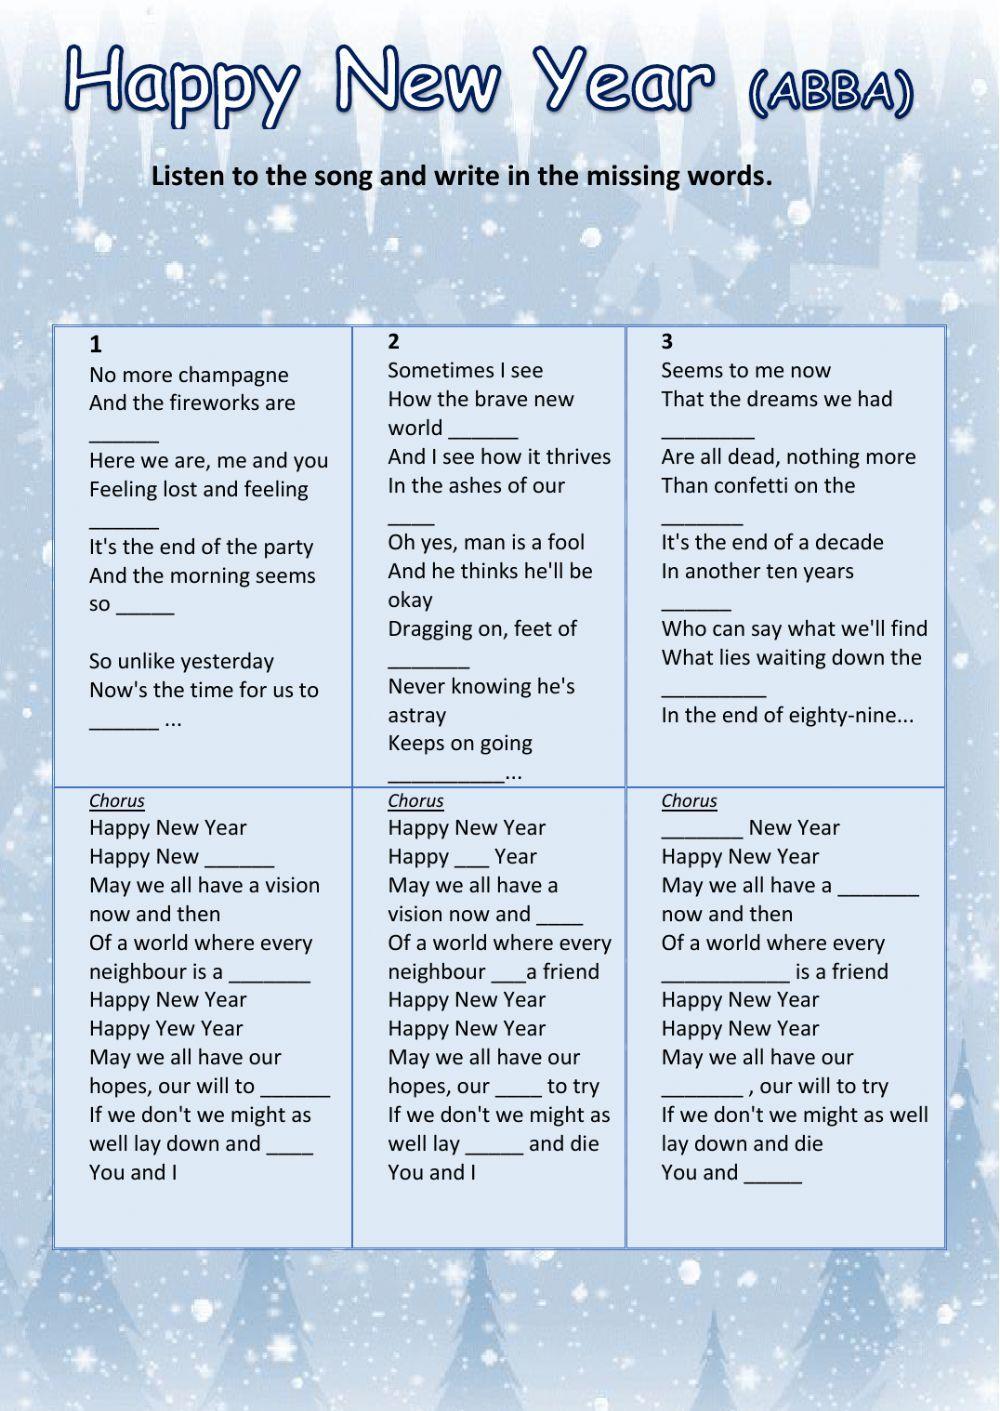 HAPPY NEW YEAR (ABBA) - Interactive worksheet | ESL 2 | Pinterest ...